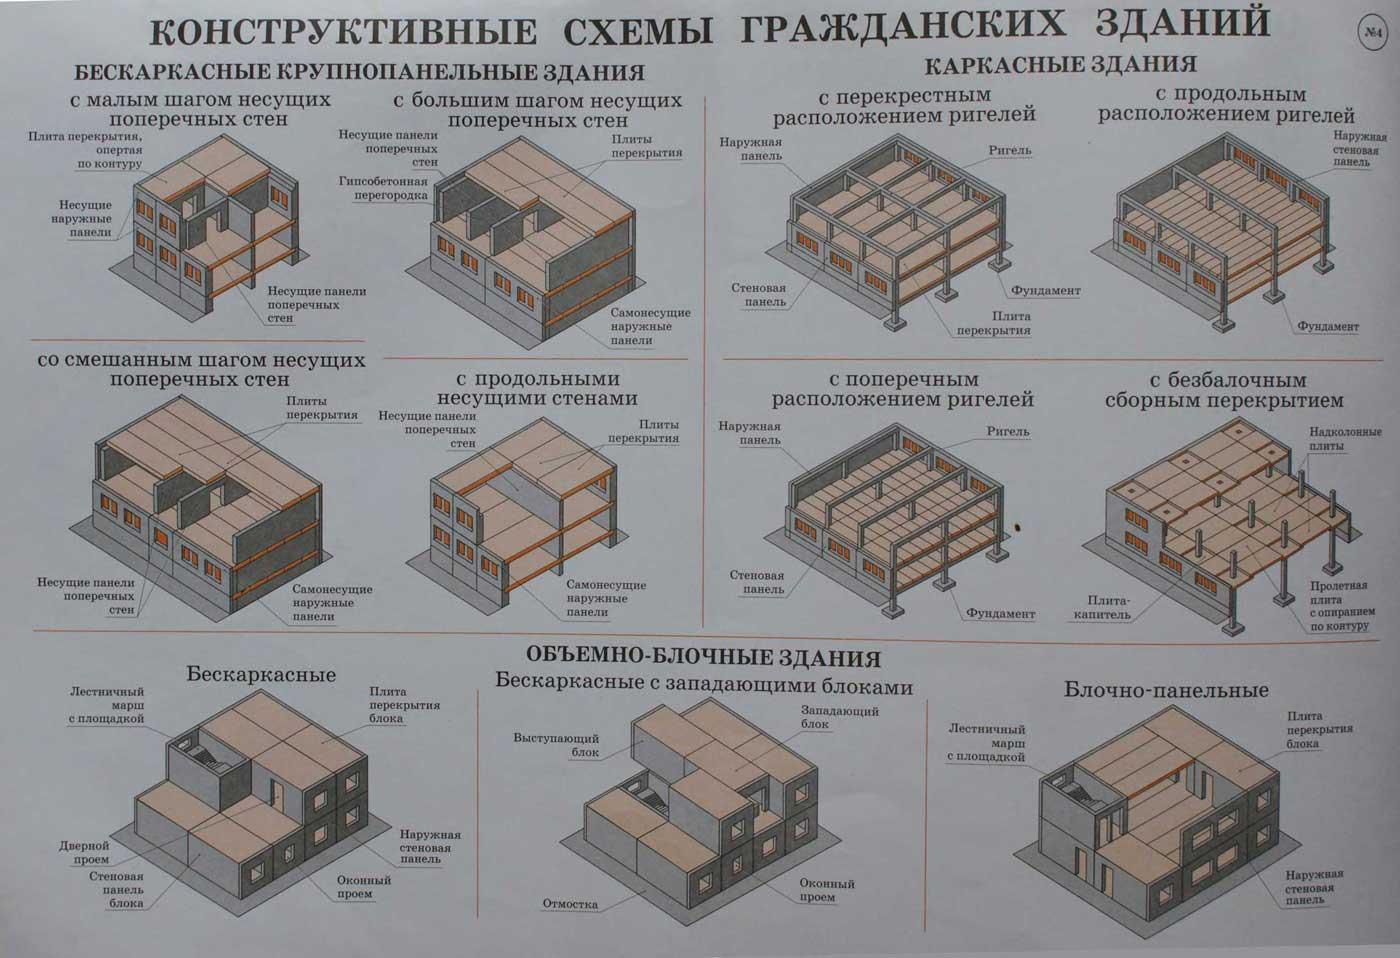 04 Конструктивные схемы гражданских зданий.